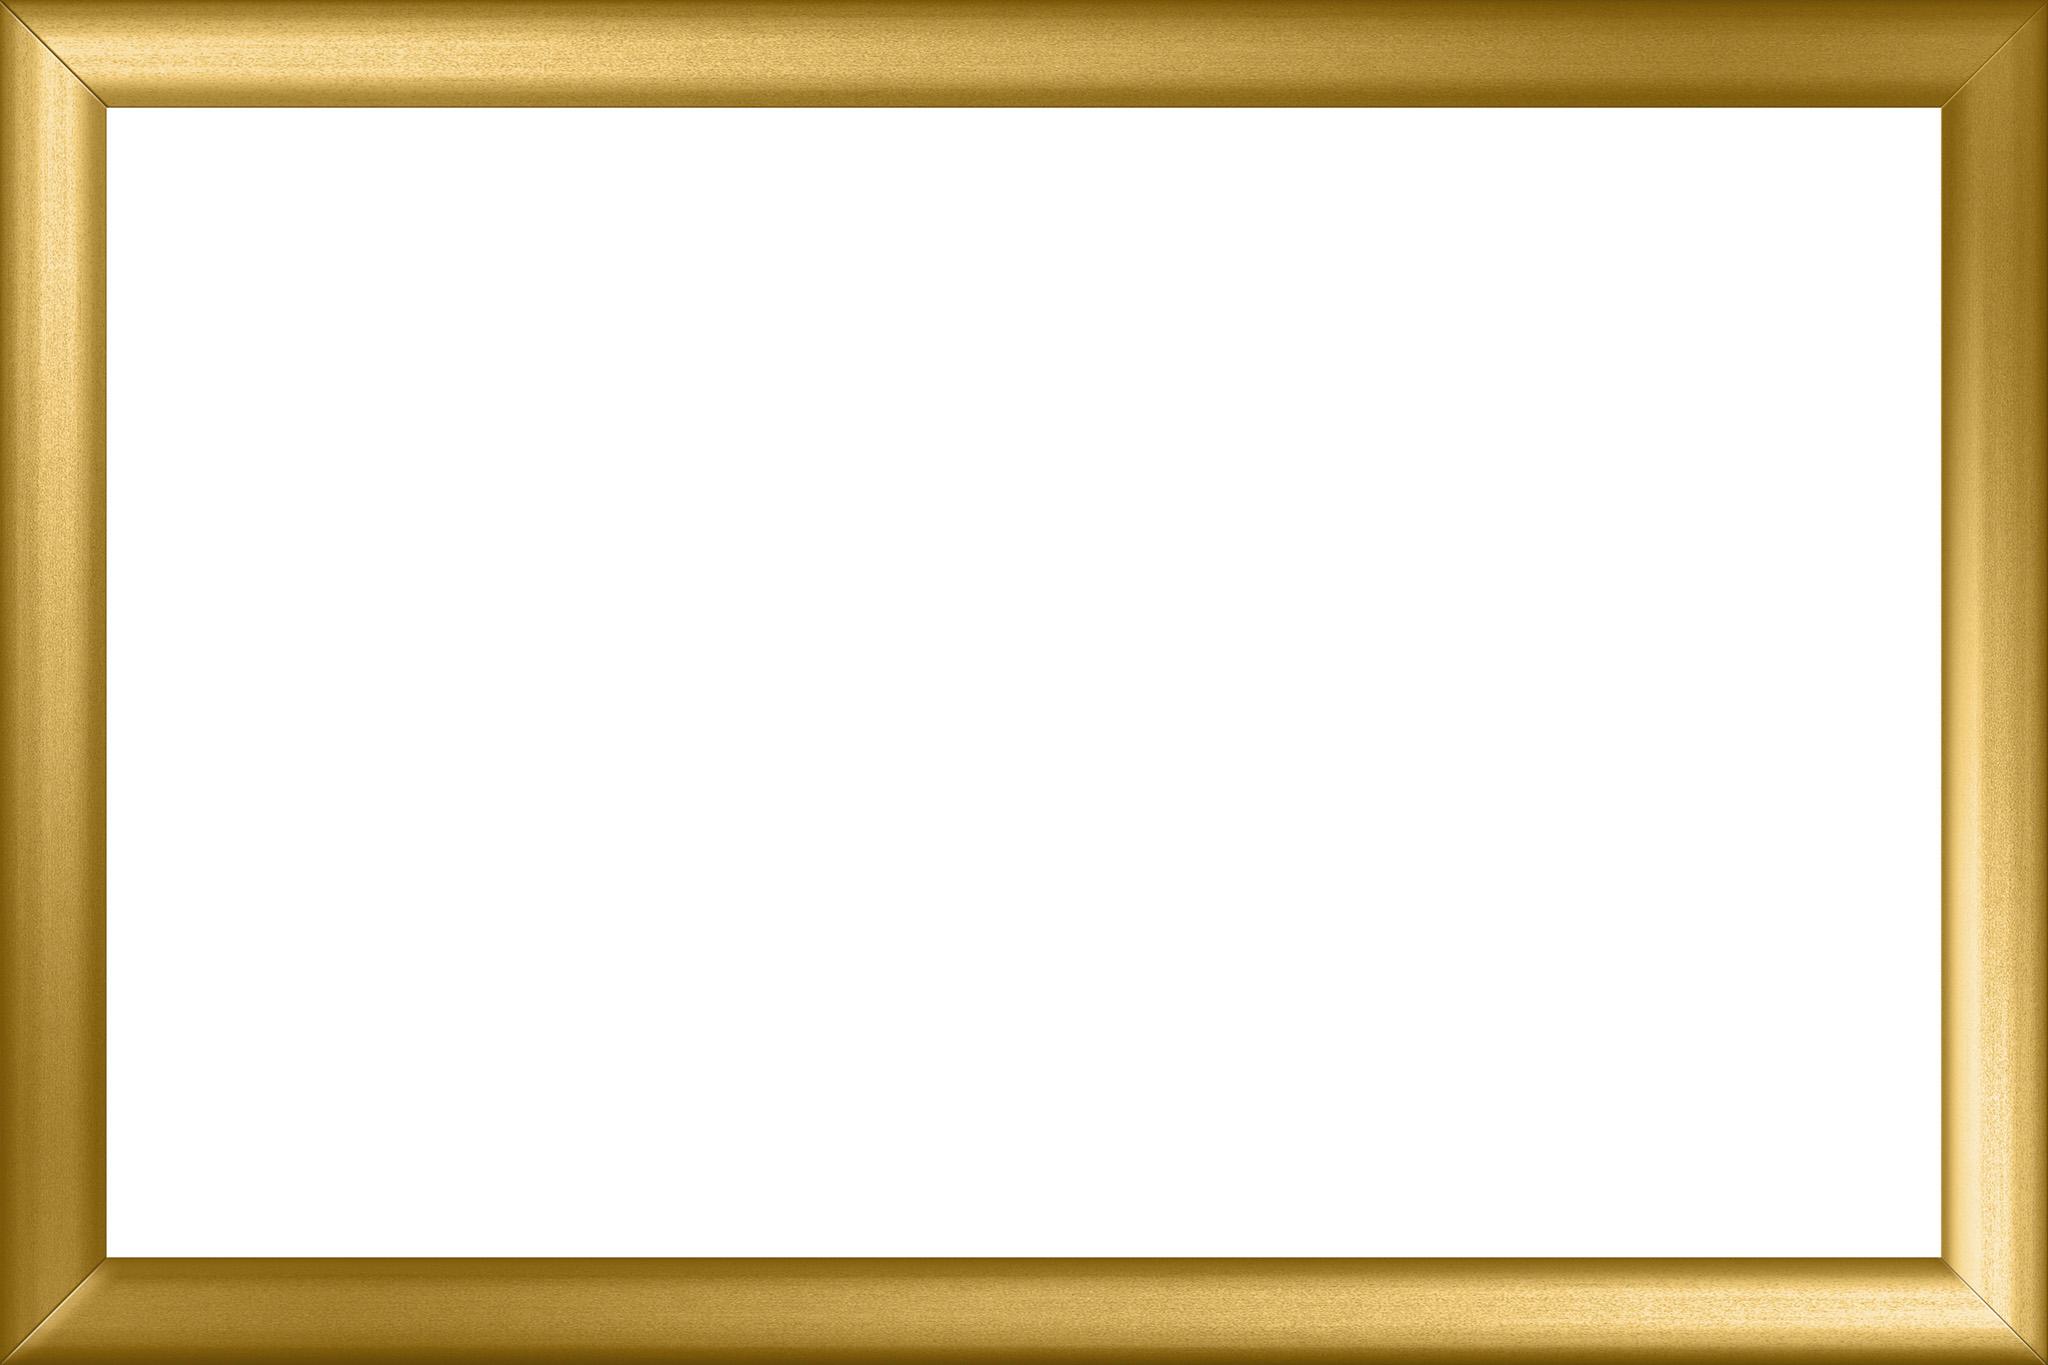 「華やかな金色の額縁」